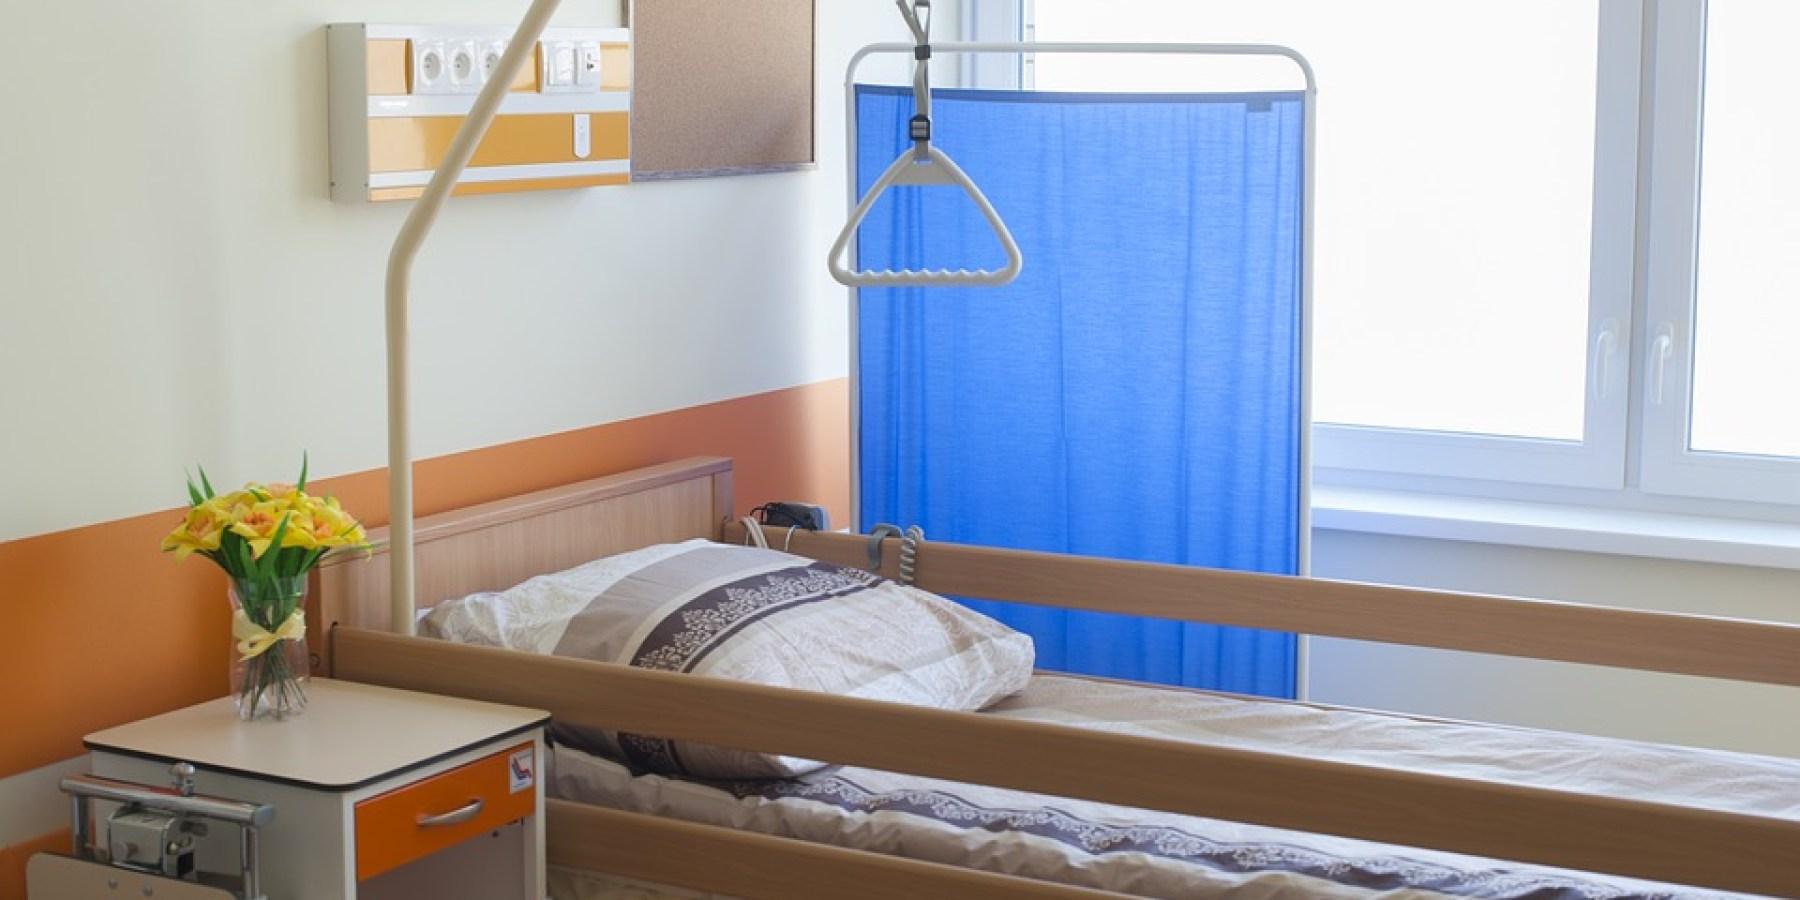 Hospizarbeit ist mehr als Begleitung am Lebensende